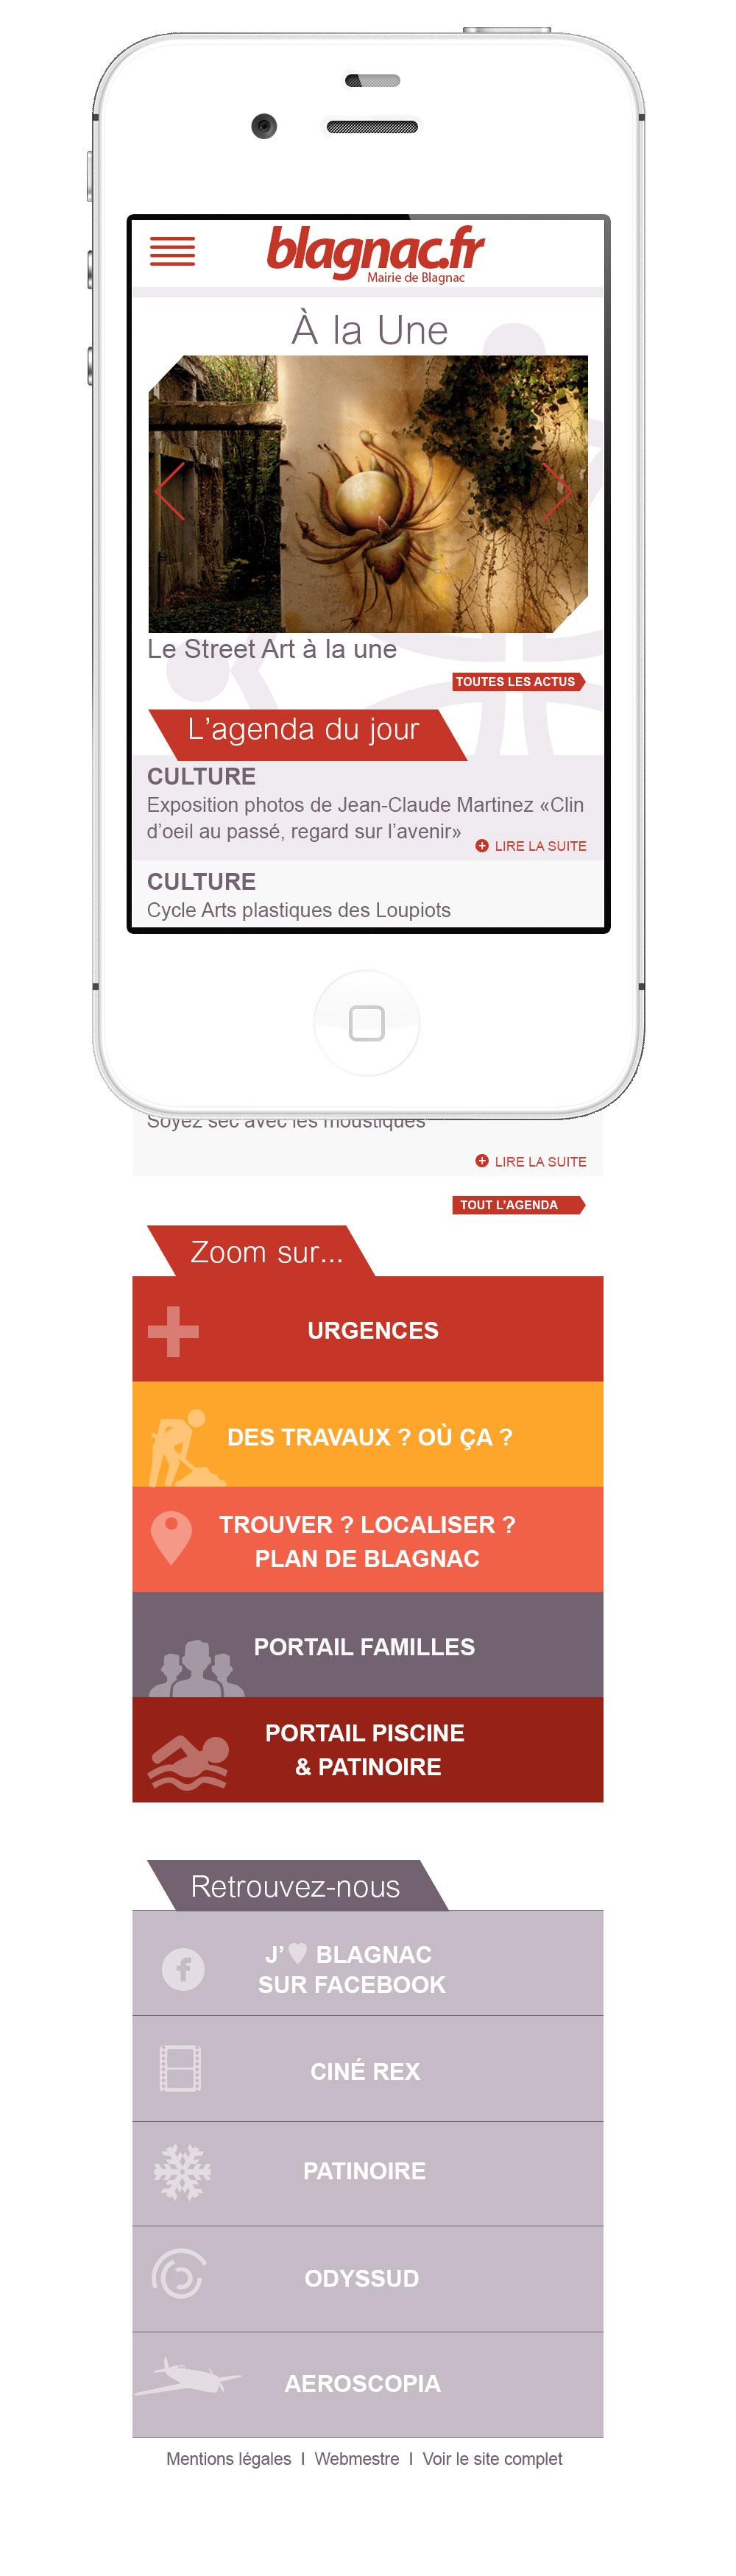 Webdesign site mobile de la Mairie de Blagnac : interface mobile de la Mairie de Blagnac